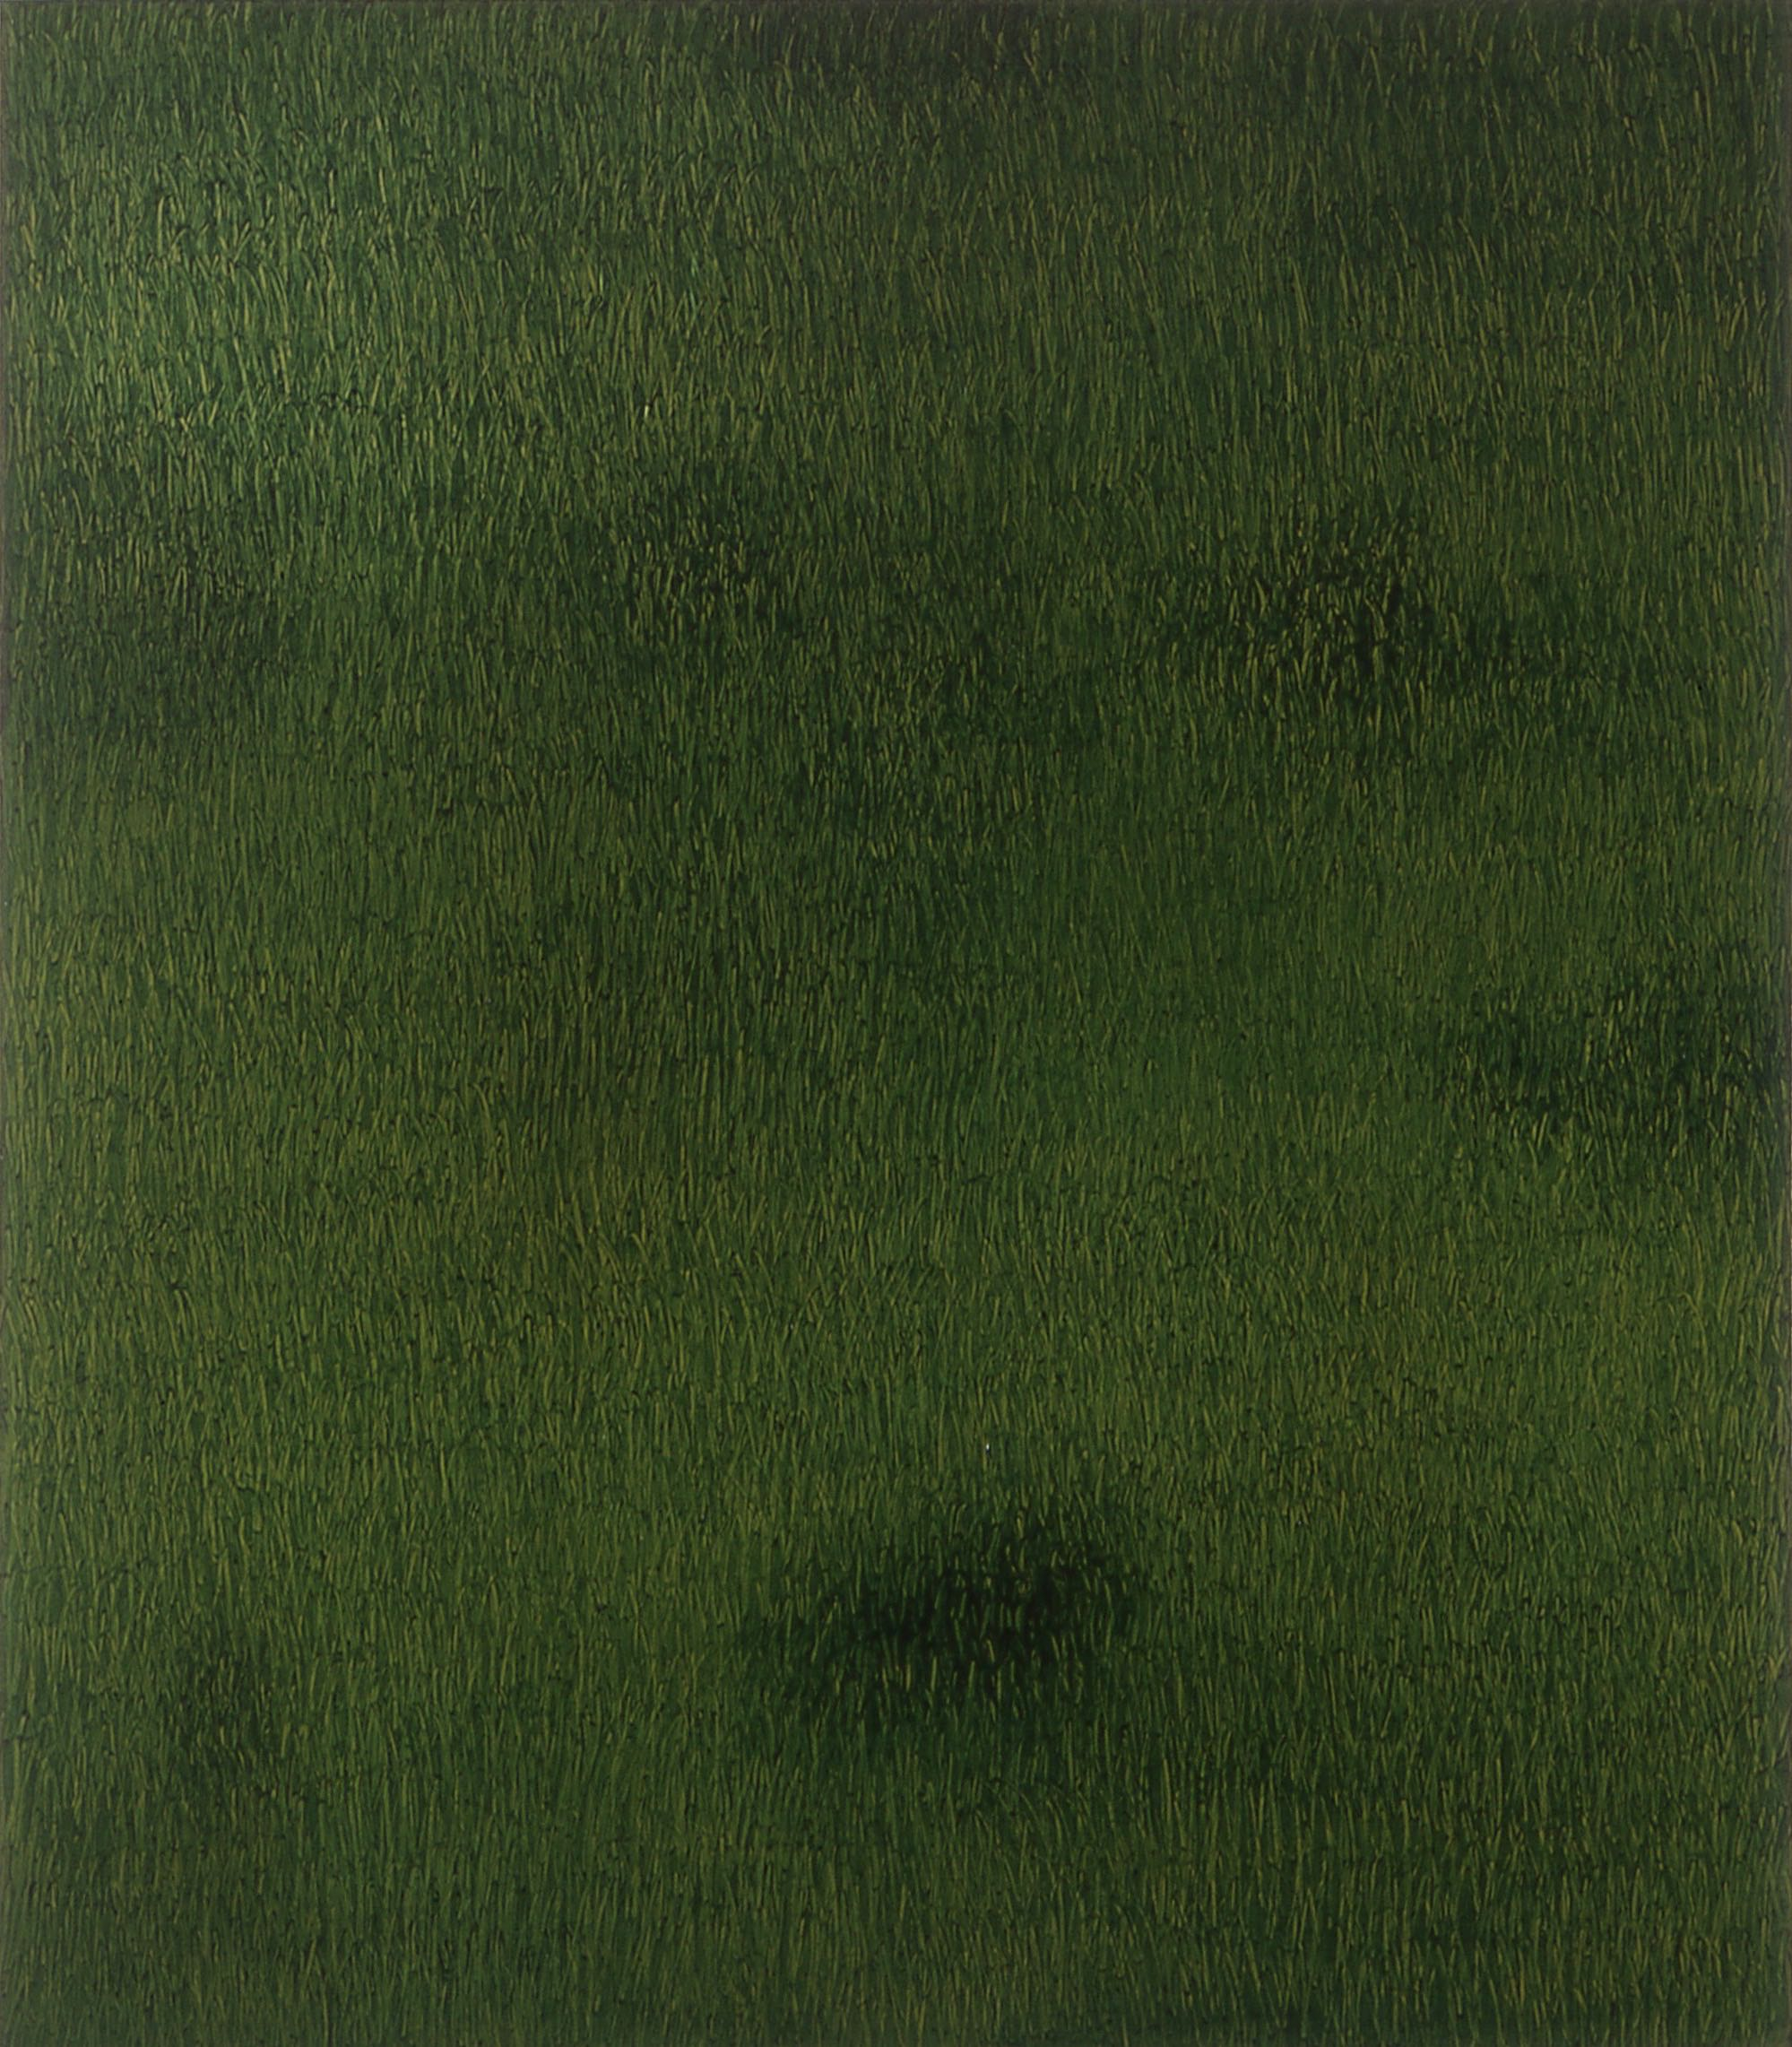 Gress med skygge  200x180cm opl 2000